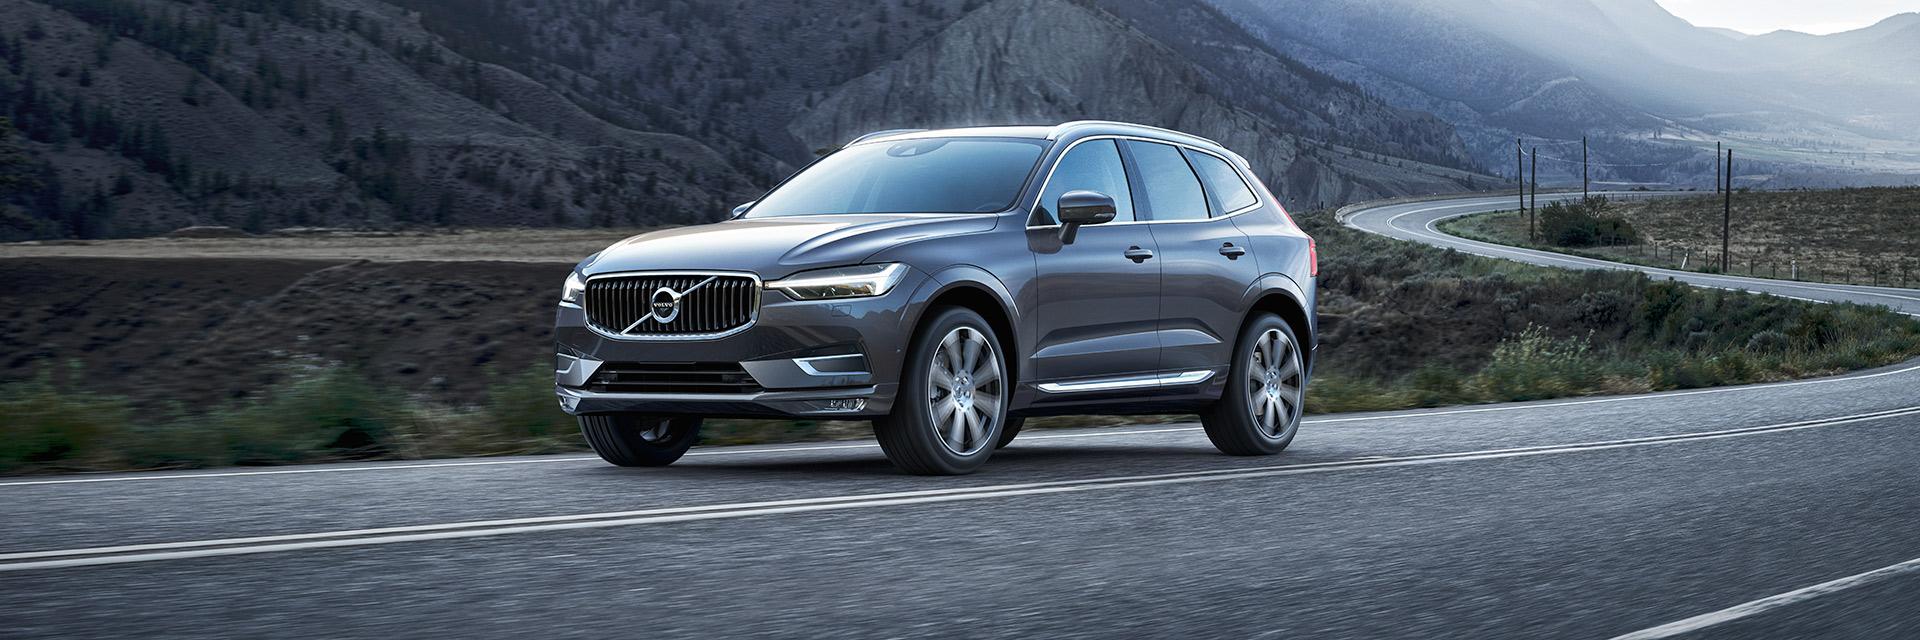 Volvo XC60 Classic reveal